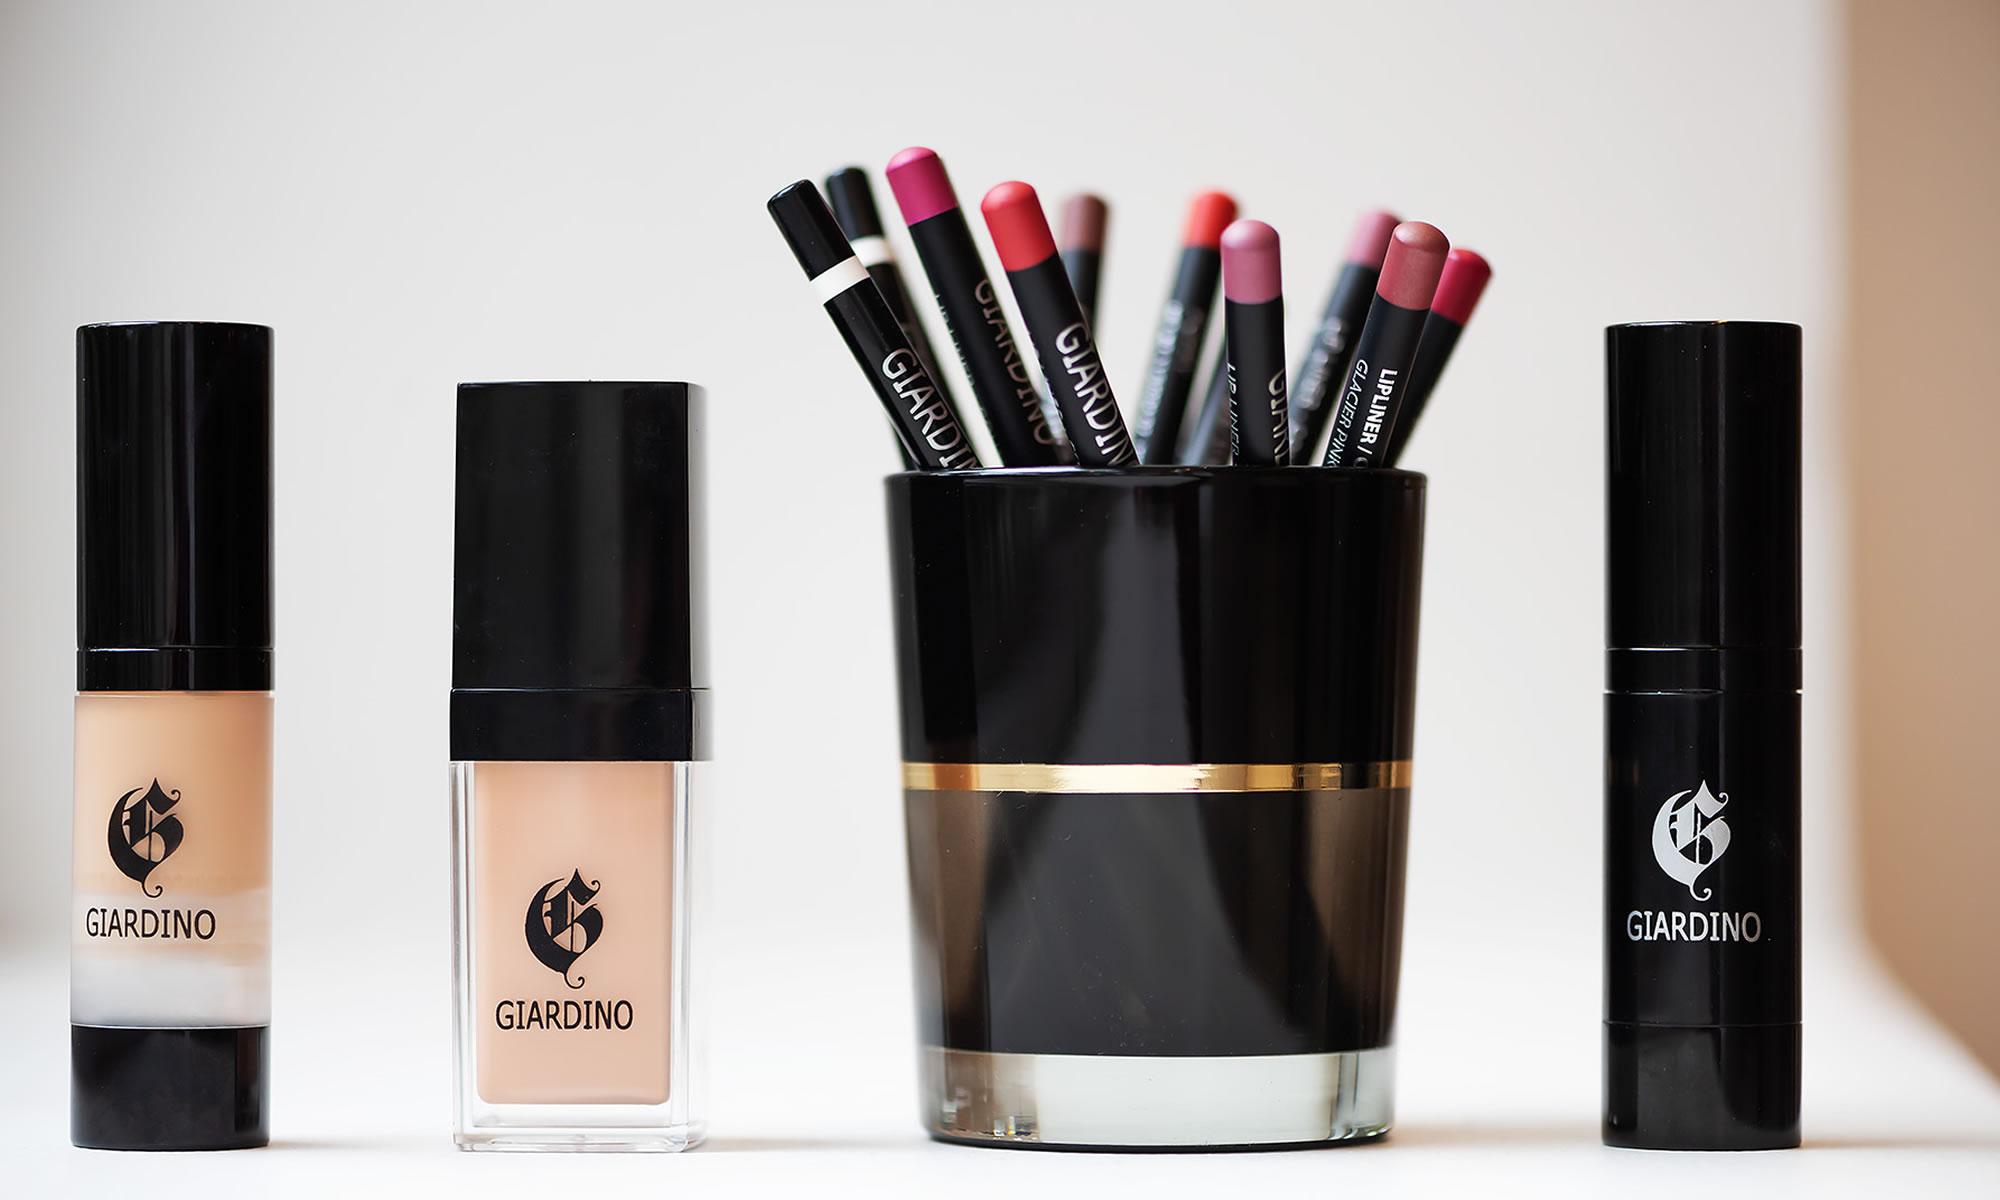 Giardino makeup line